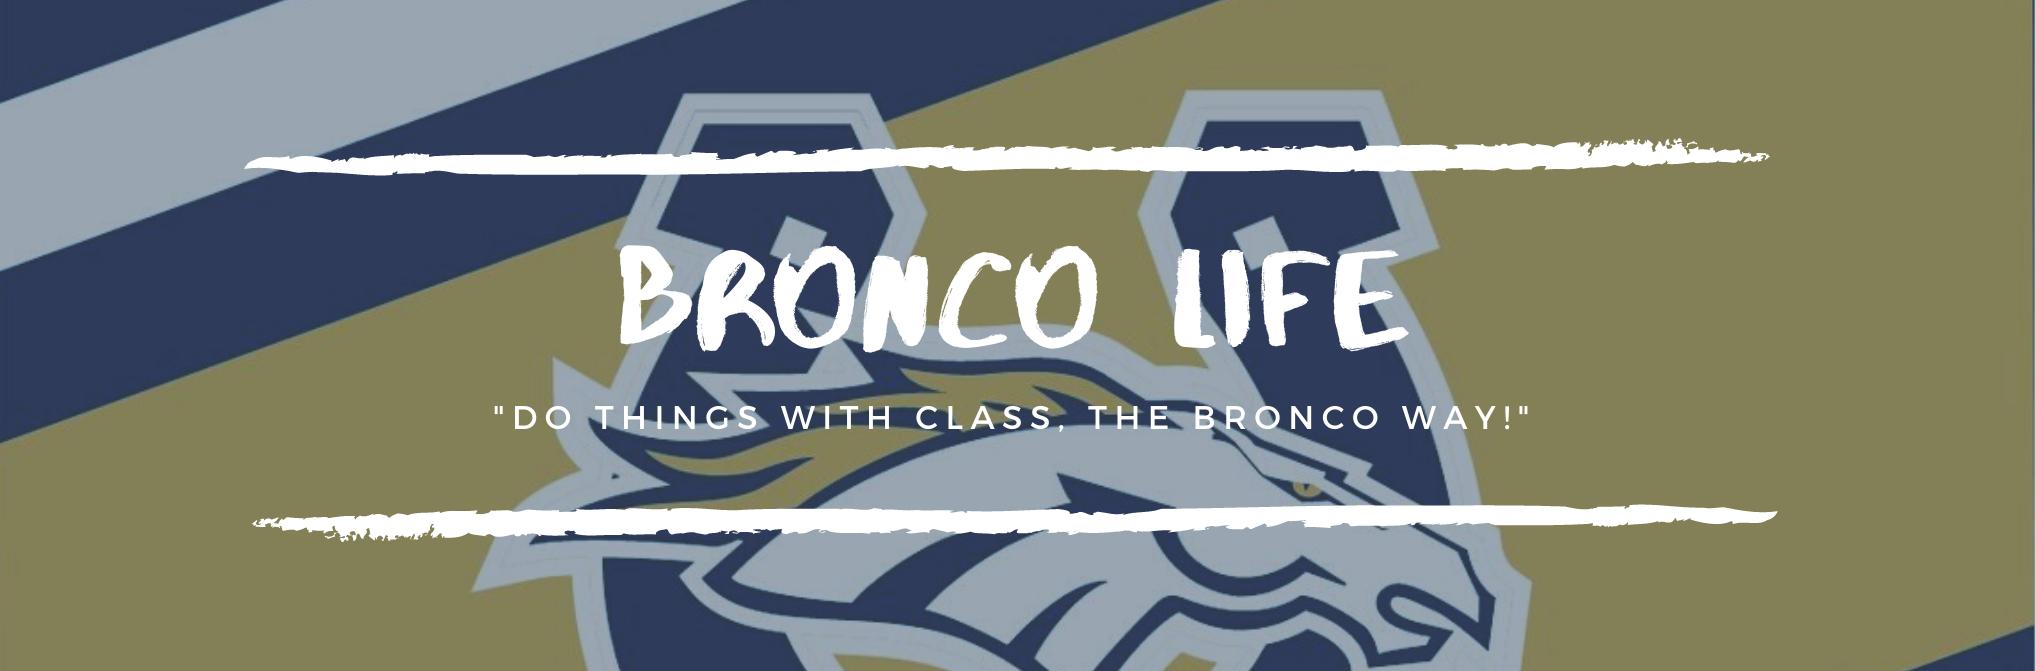 Bronco Life button